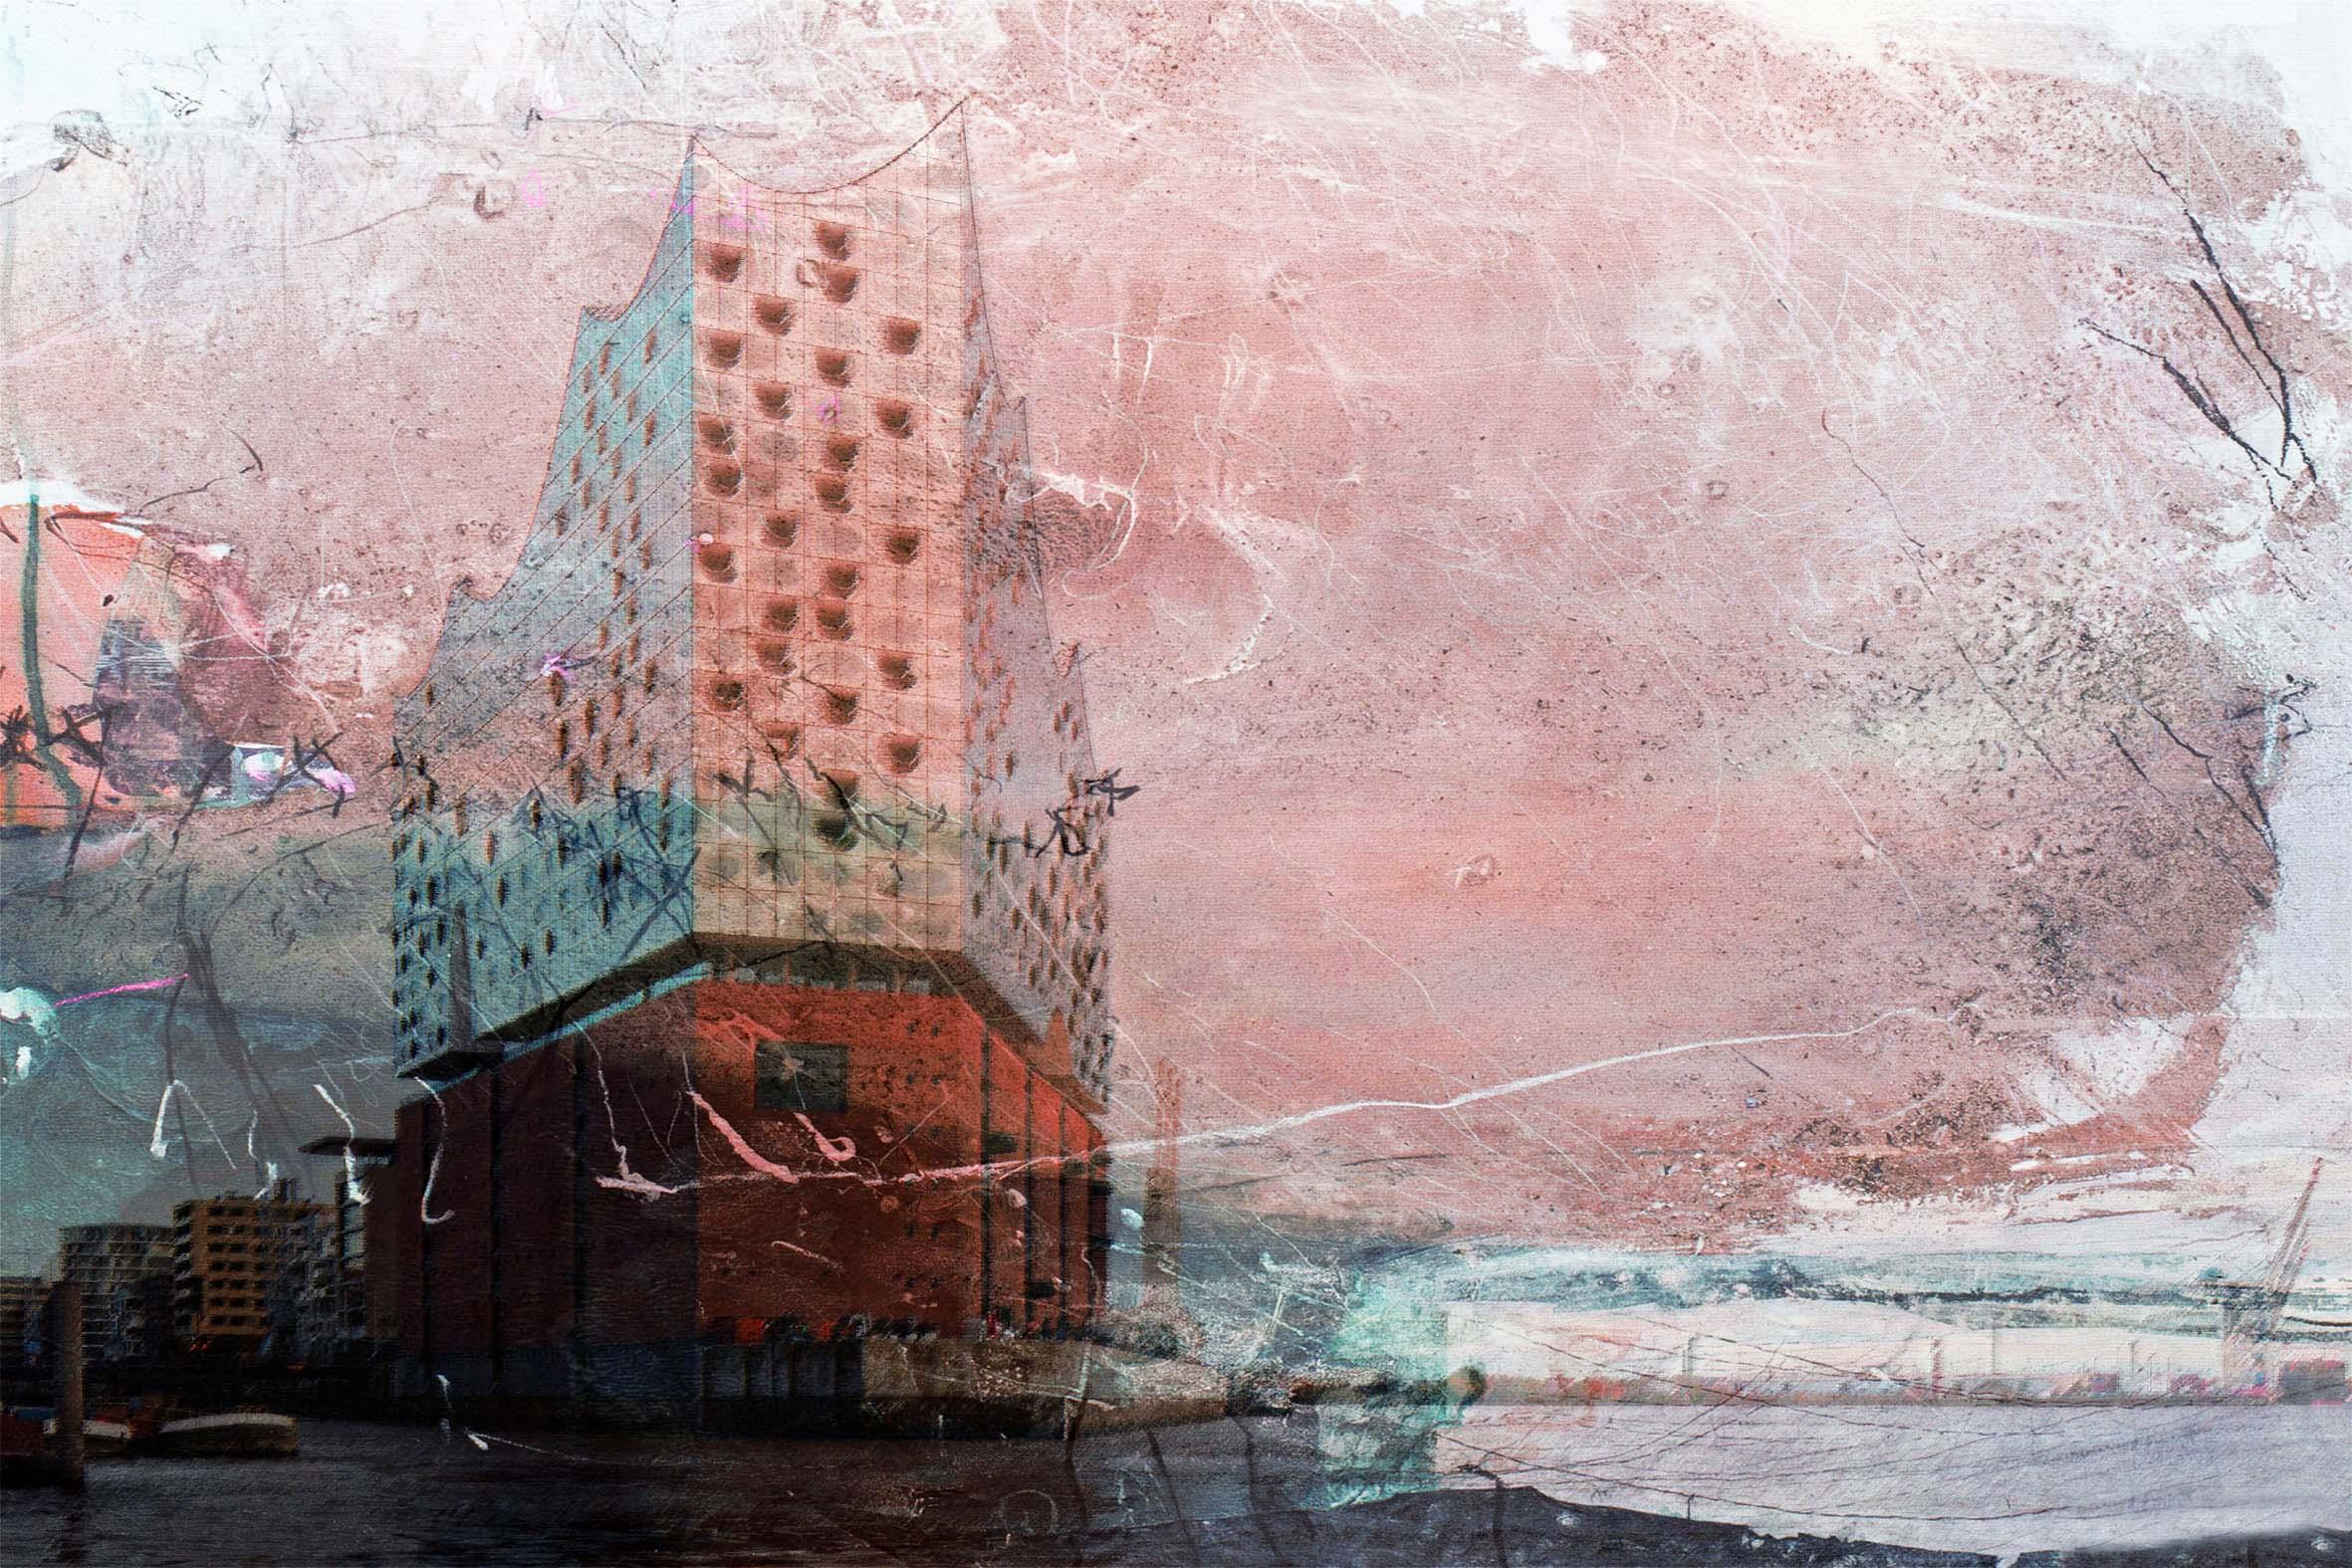 CHRISTIAN DAMERIUS,MODERNE HAMBURGER KUNSTDRUCKE,kunstdrucke deutschland,bilder büro modern,moderne raumgestaltung mit malerei bildern,design bürowände wohnzimmer,moderne malerei reinbek hamburg,gemälde in hamburg reinbek kaufen,CHRISTIAN DAMERIUS ELBPHILHARMONIE KUNSTDRUCKE,KUNSTDRUCKE IN HAMBURG KAUFEN,MODERNE AUFTRAGSMALEREI HAMBURGER MOTIVE,HAMBURG,REINBEK